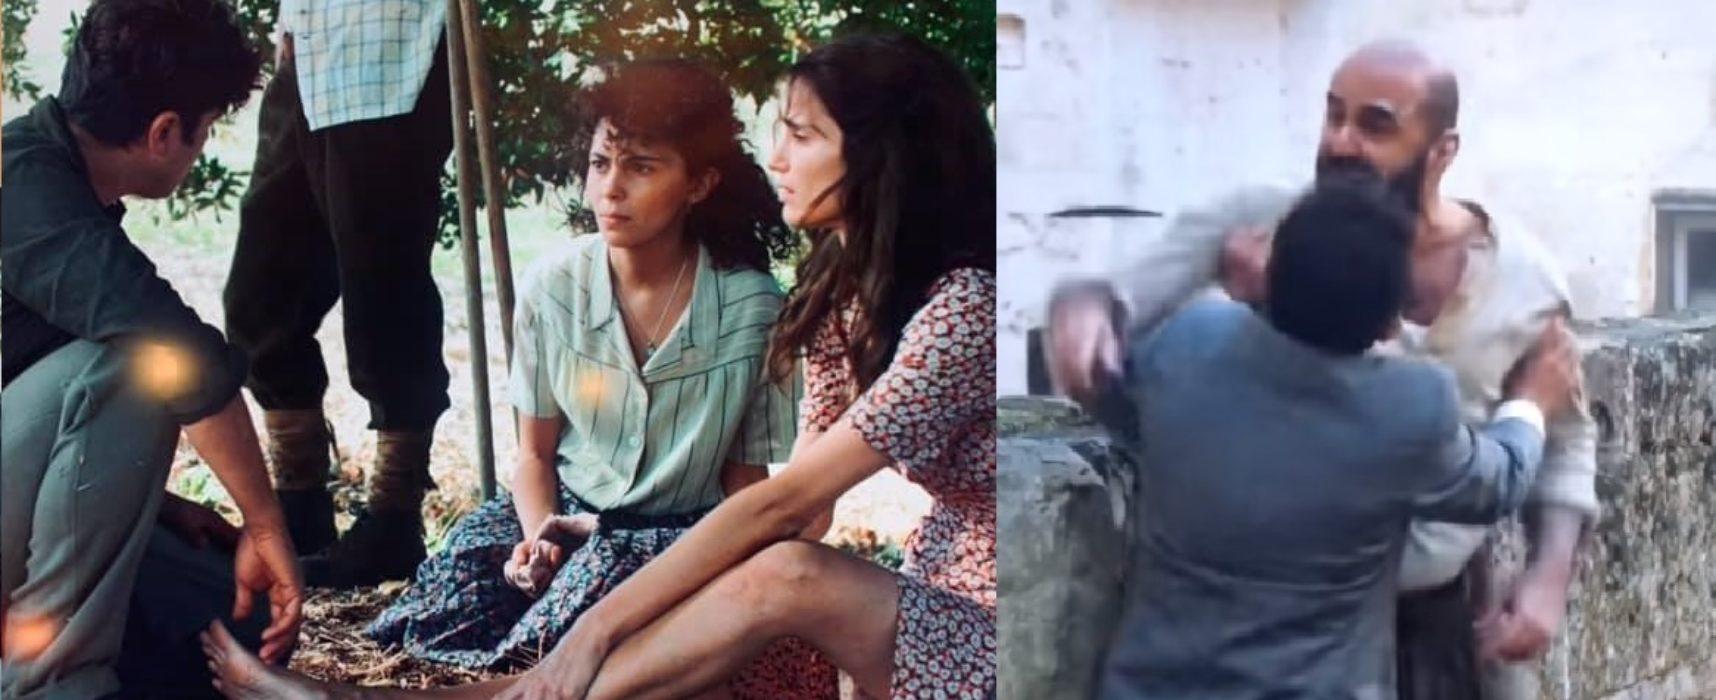 """""""L'ultimo paradiso"""", nell'ultimo film con Scamarcio anche due attori biscegliesi"""